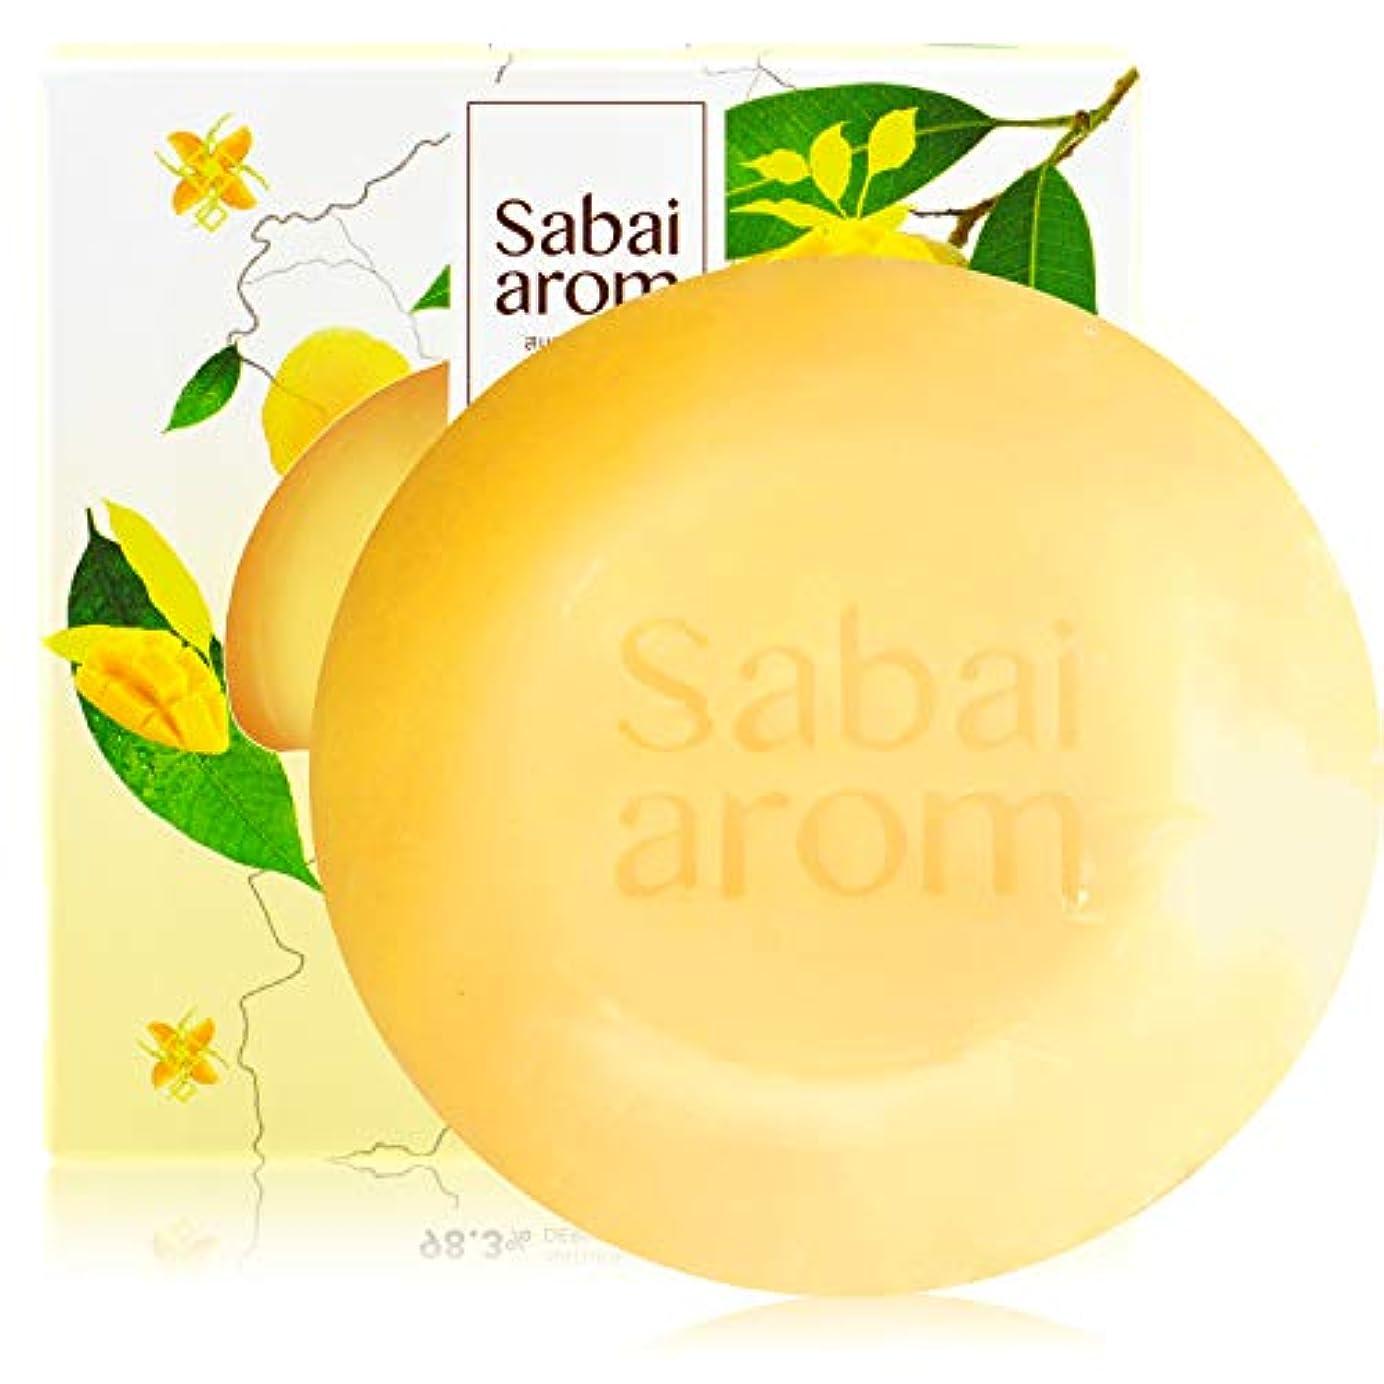 インサート合法メダルサバイアロム(Sabai-arom) マンゴー オーチャード フェイス&ボディソープバー (石鹸) 100g【MAN】【001】